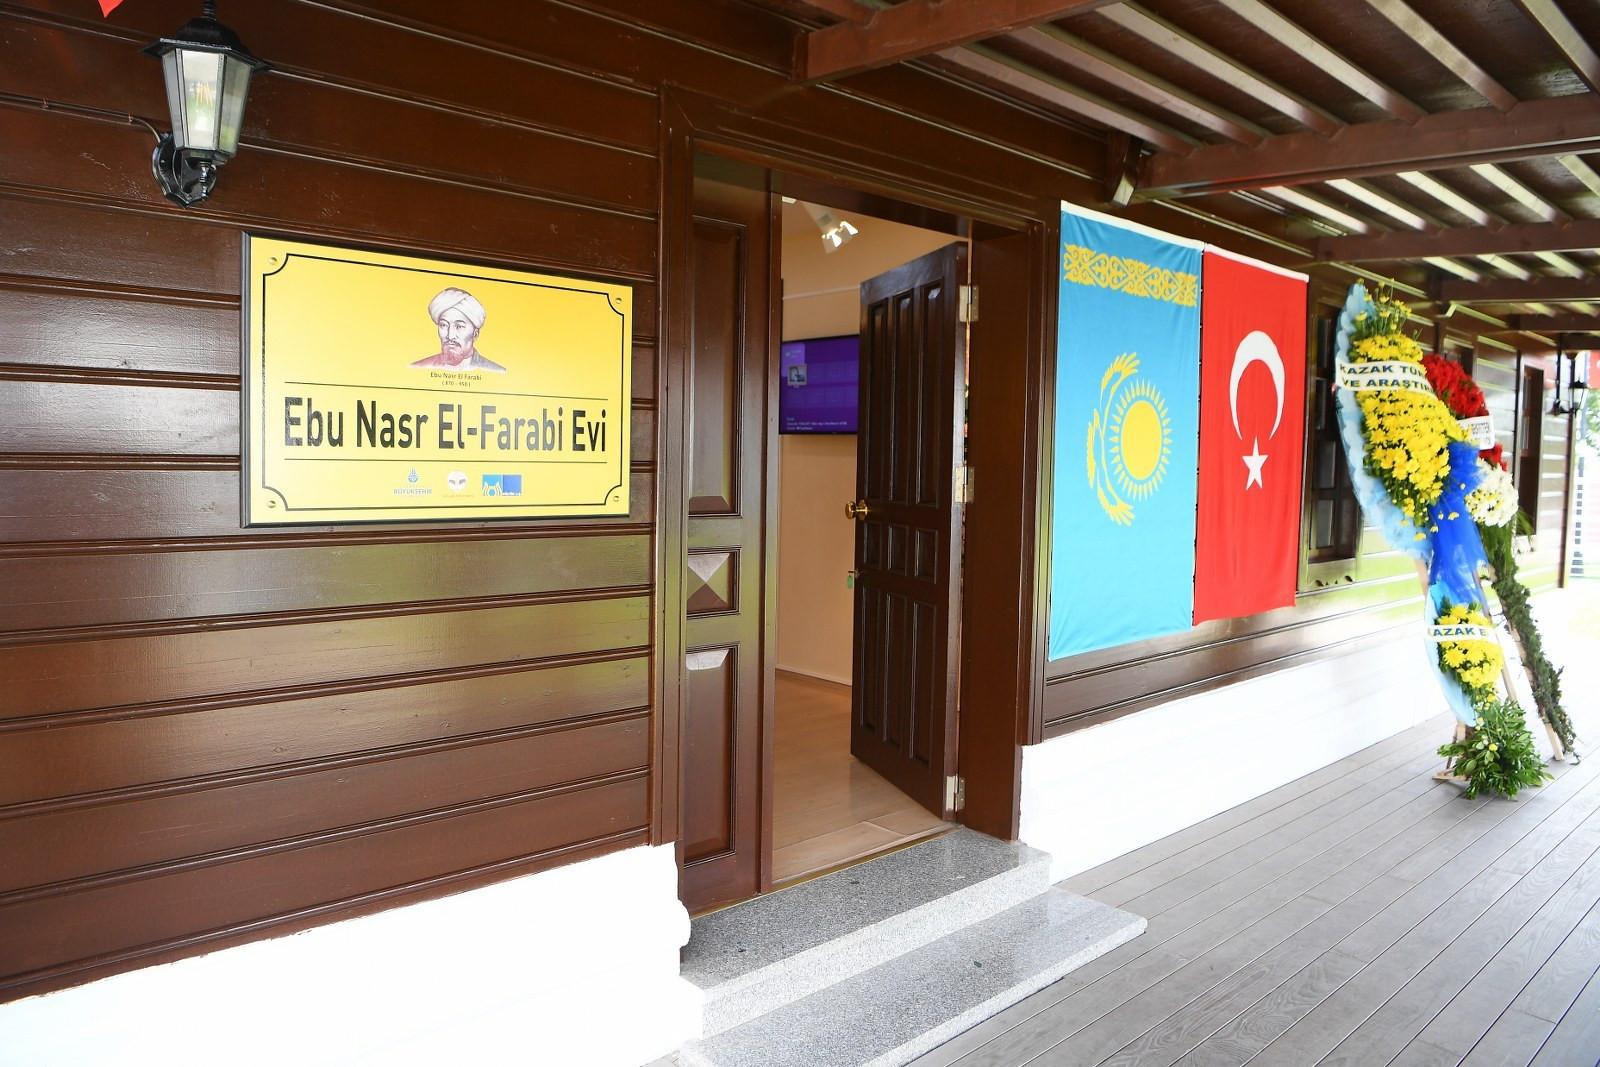 Ebu Nasr El Farabi Evi açıldı Galeri - 27. Resim